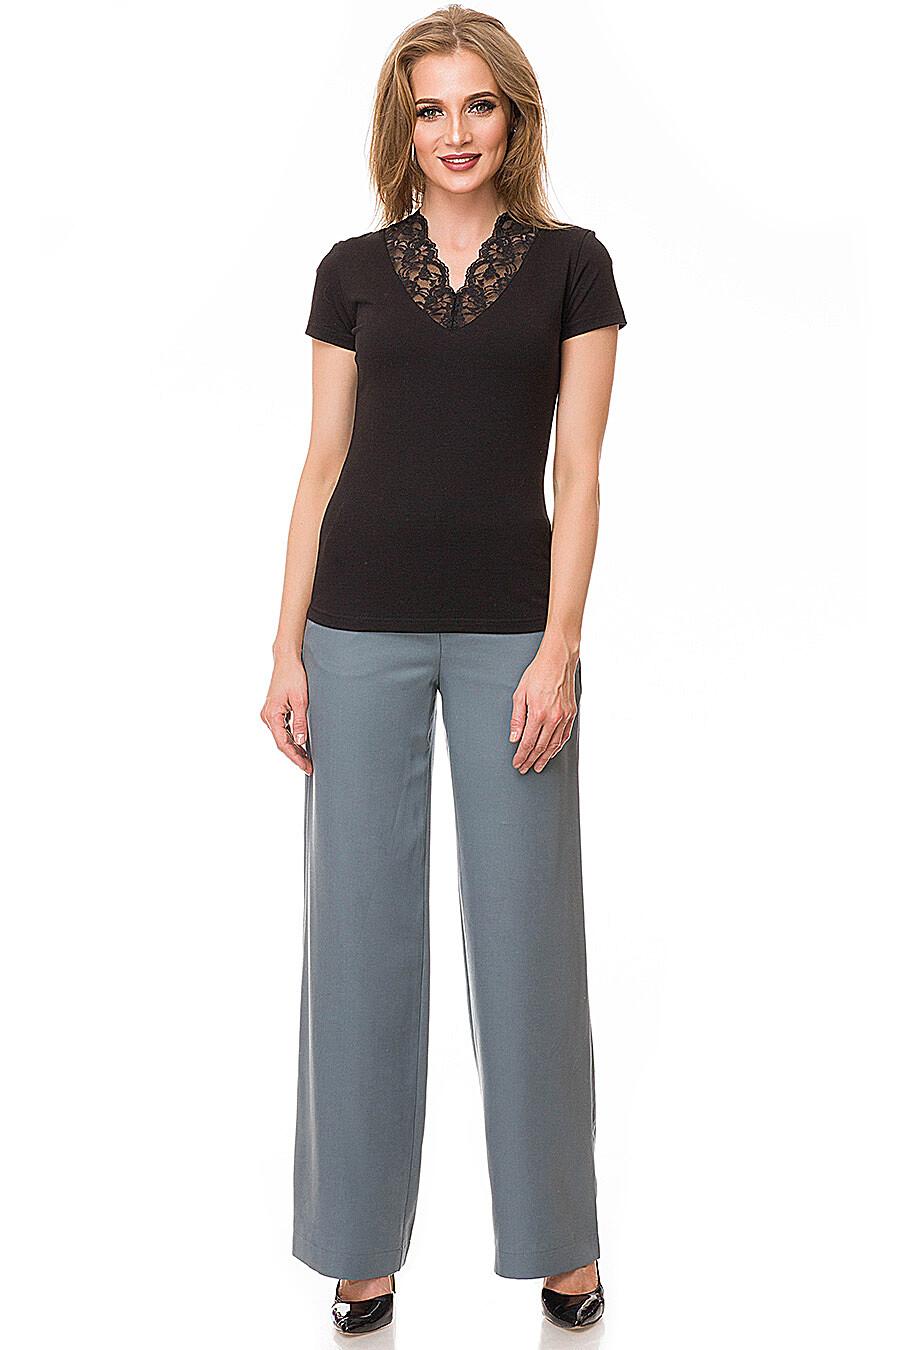 Блузка FOUR STYLES (119743), купить в Moyo.moda